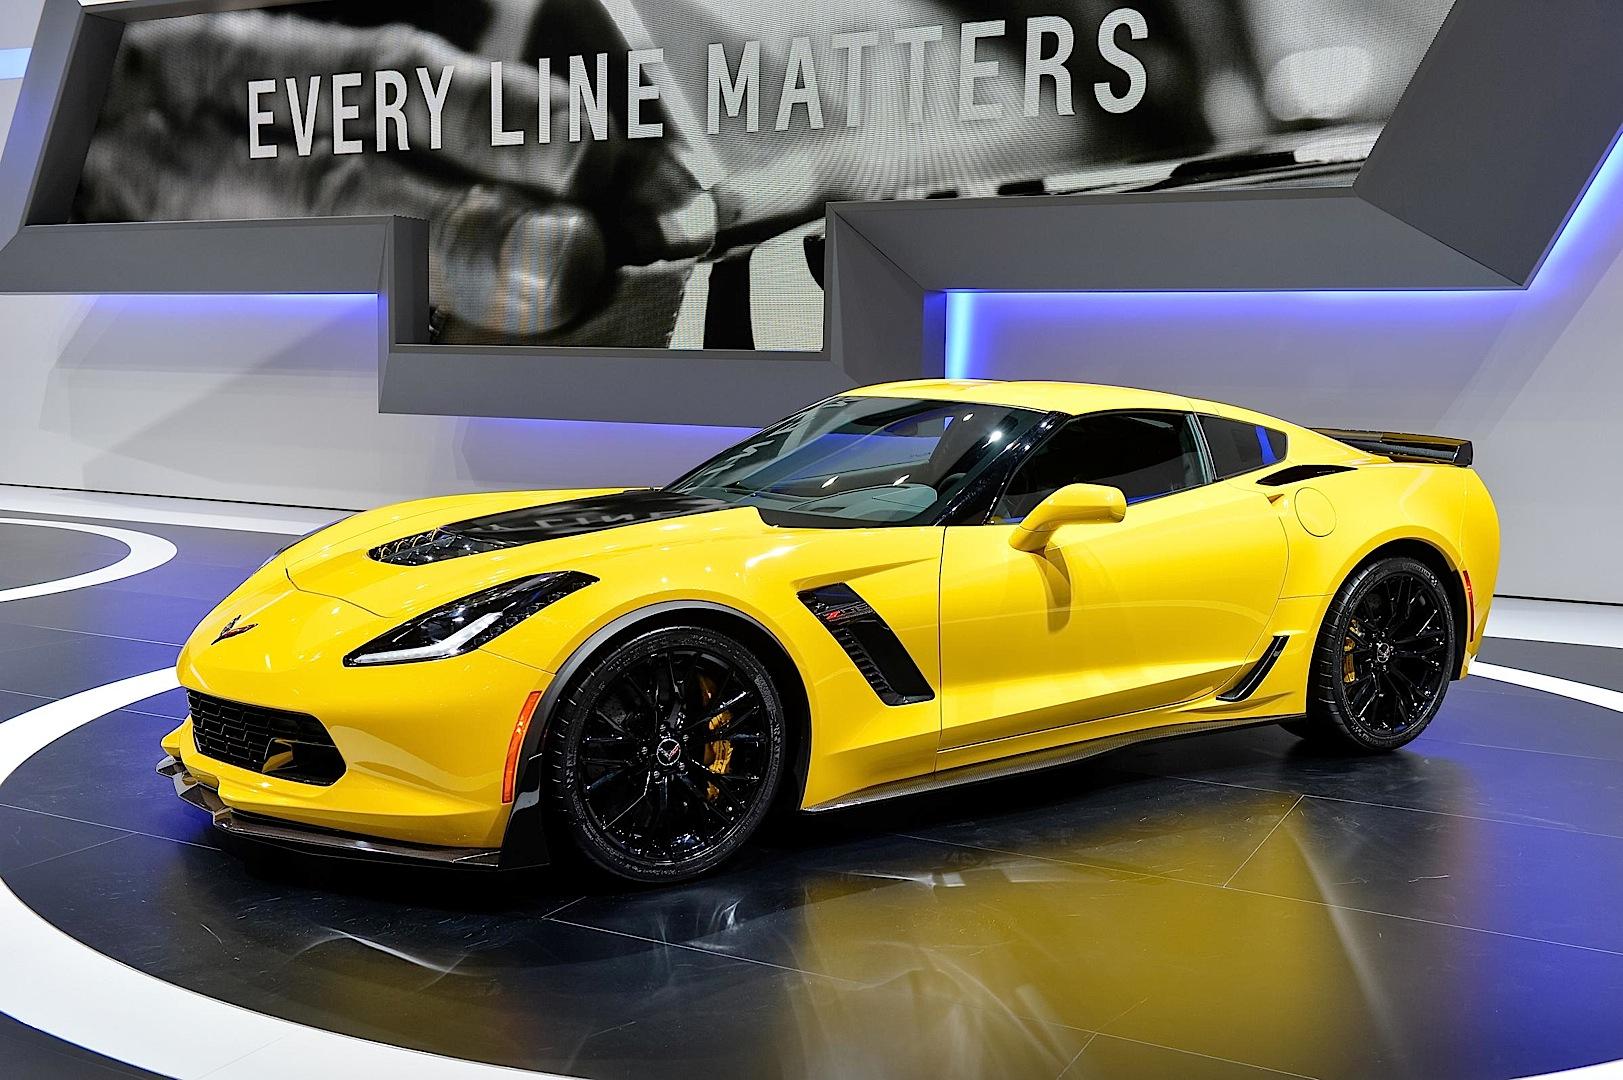 2015 Corvette Z06 Makes European Debut In Geneva Video